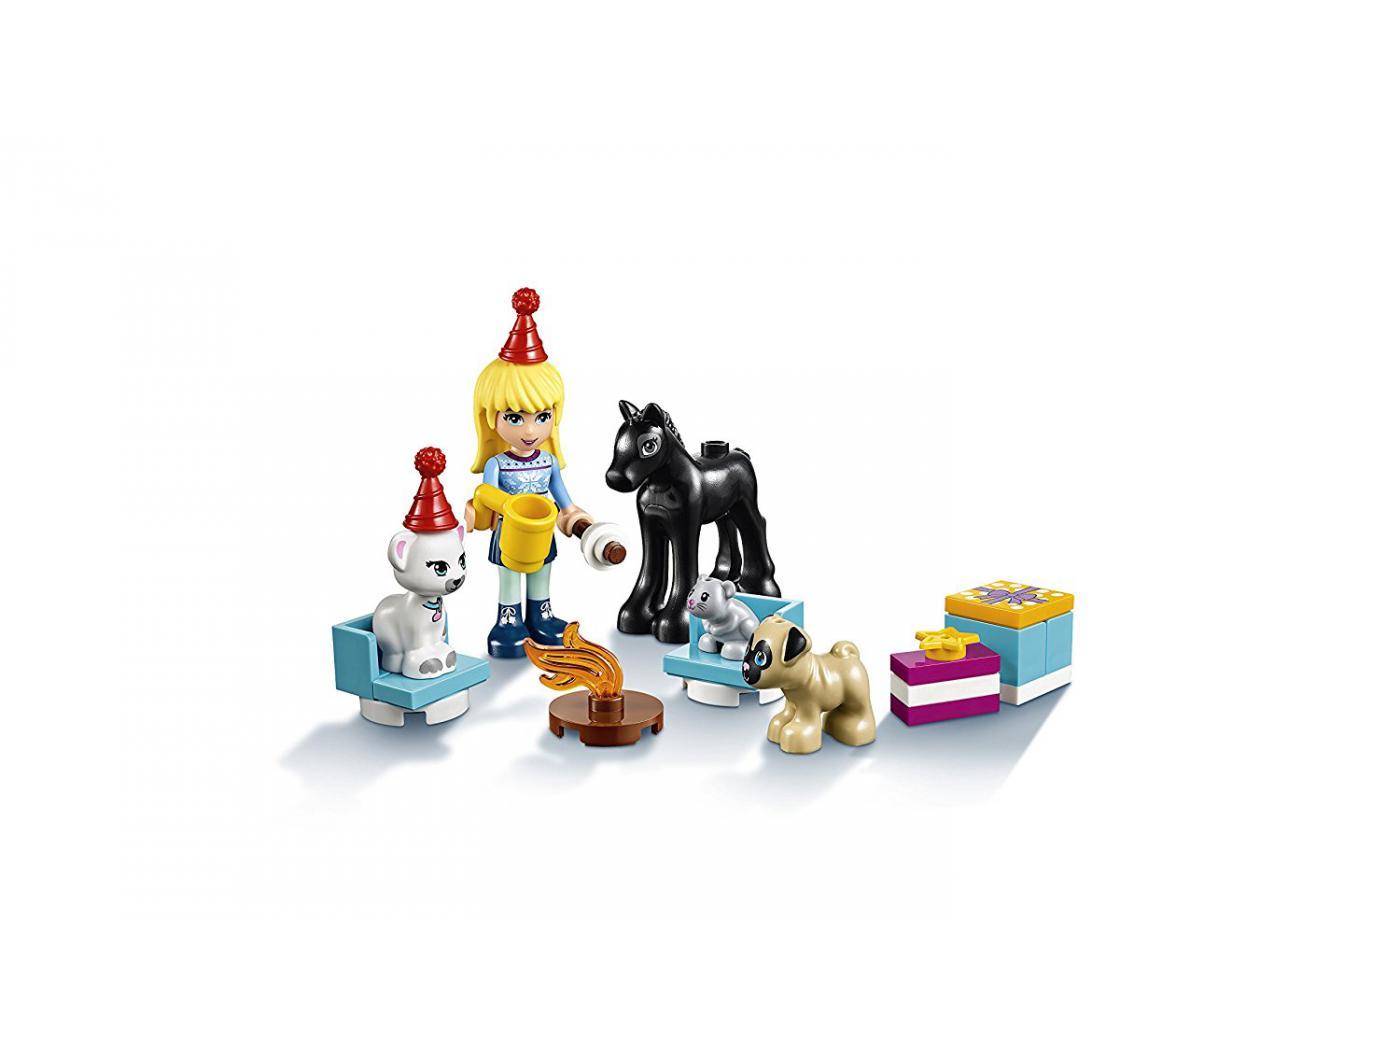 Lego Friends Calendrier De L Avent.41326 Le Calendrier De L Avent Lego Friends